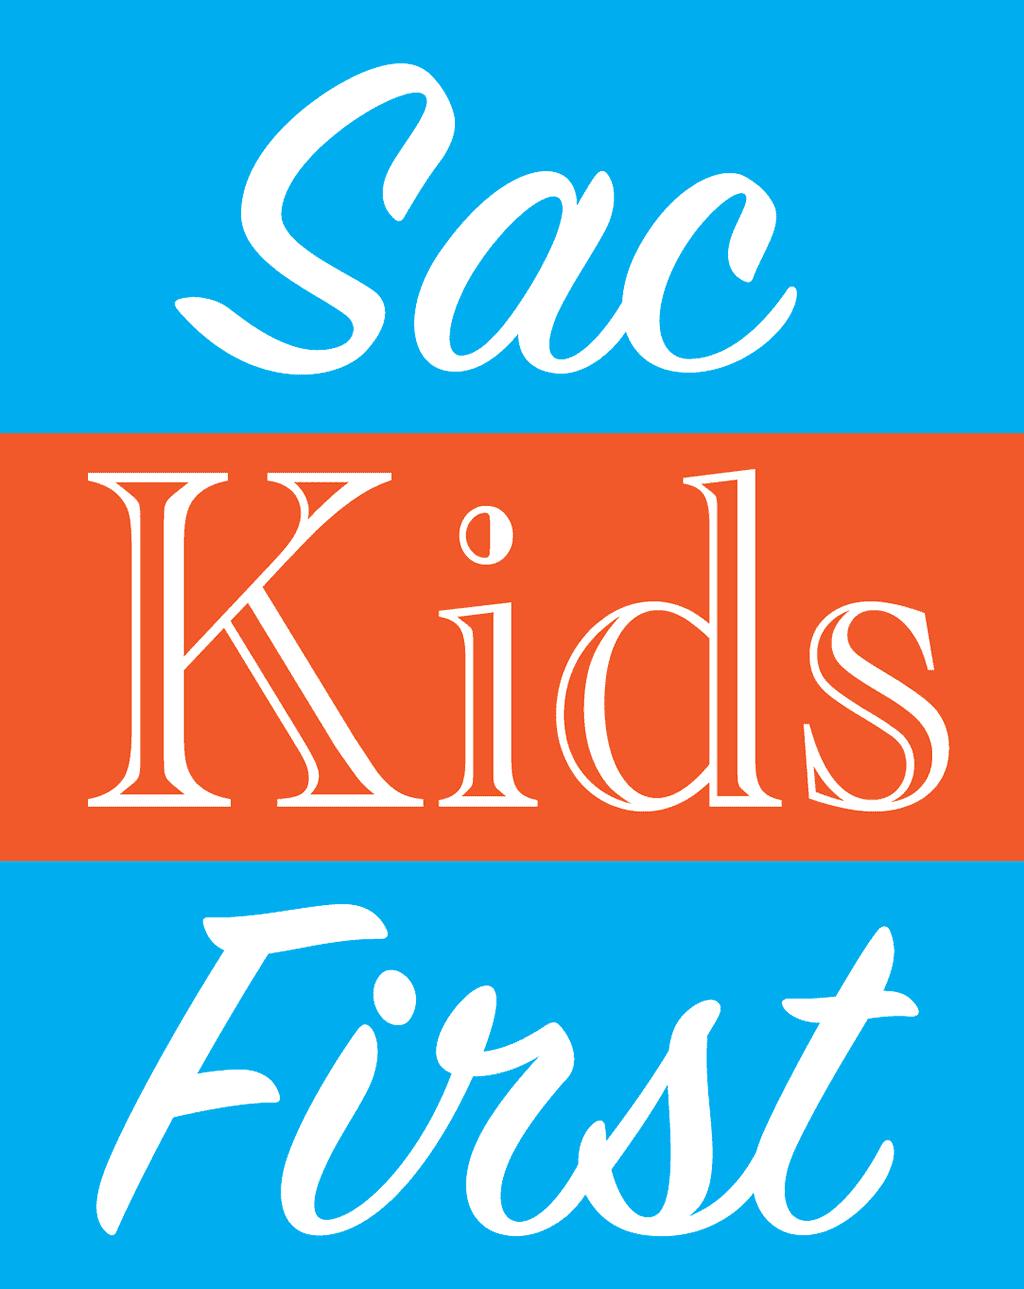 Sac Kids First logo